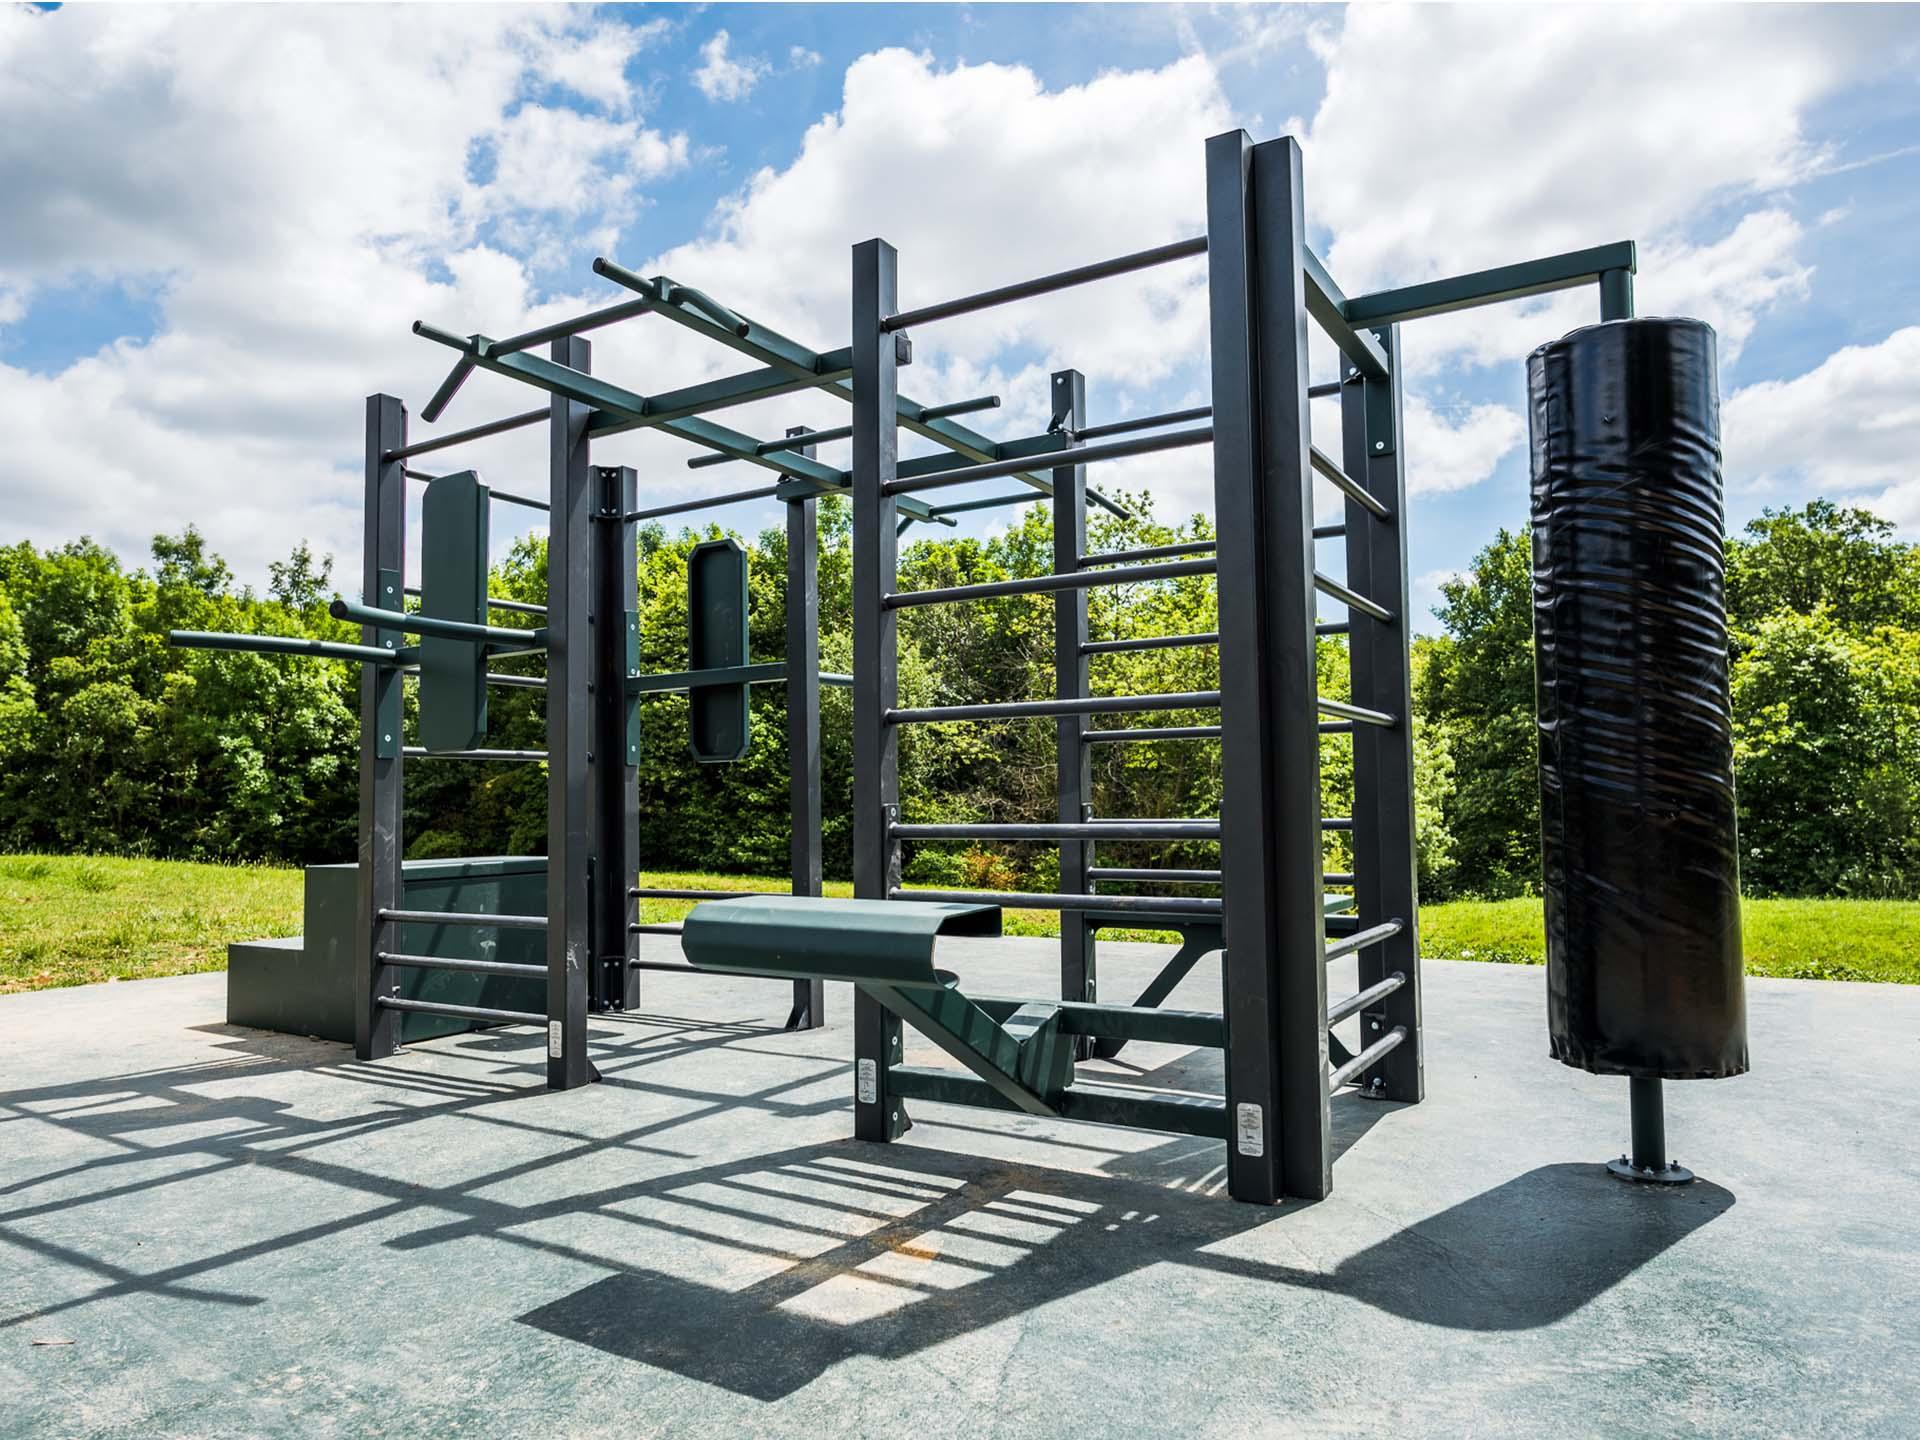 Photo de l'aire de fitness en plein air de Saint-Cyr-l'École